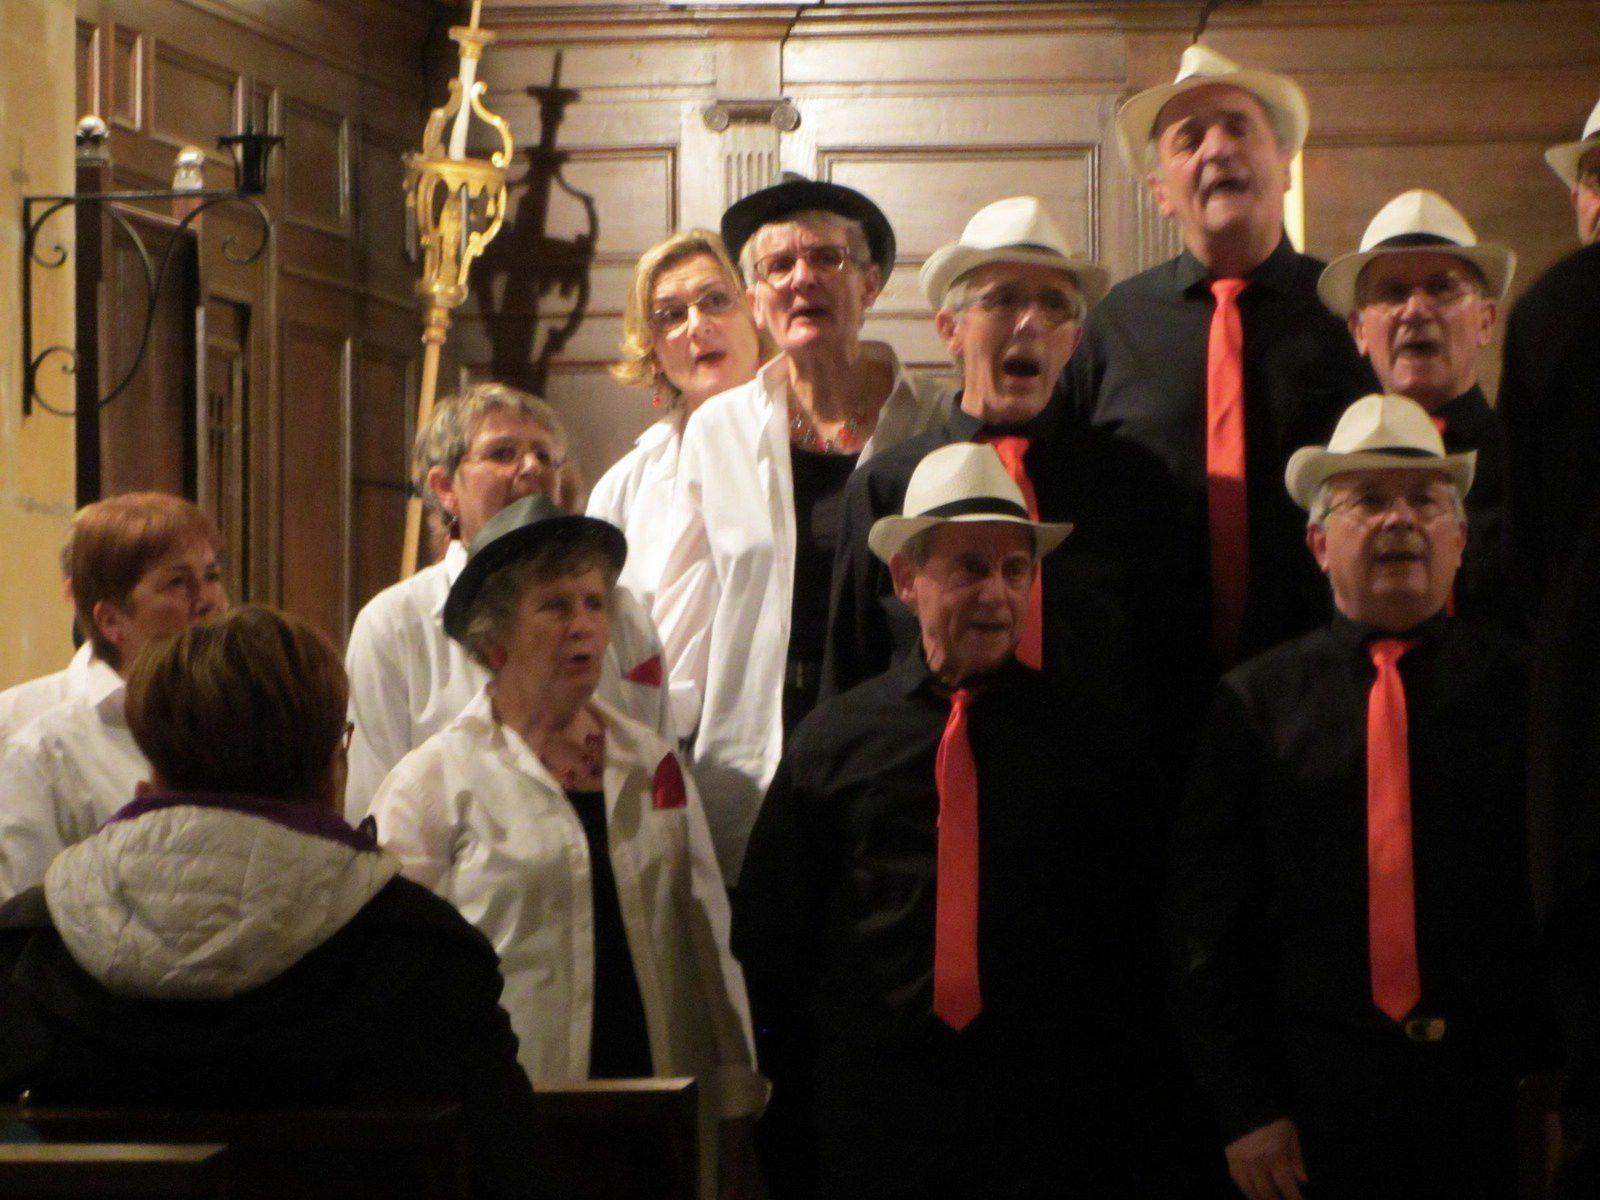 Notre concert au Deschaux